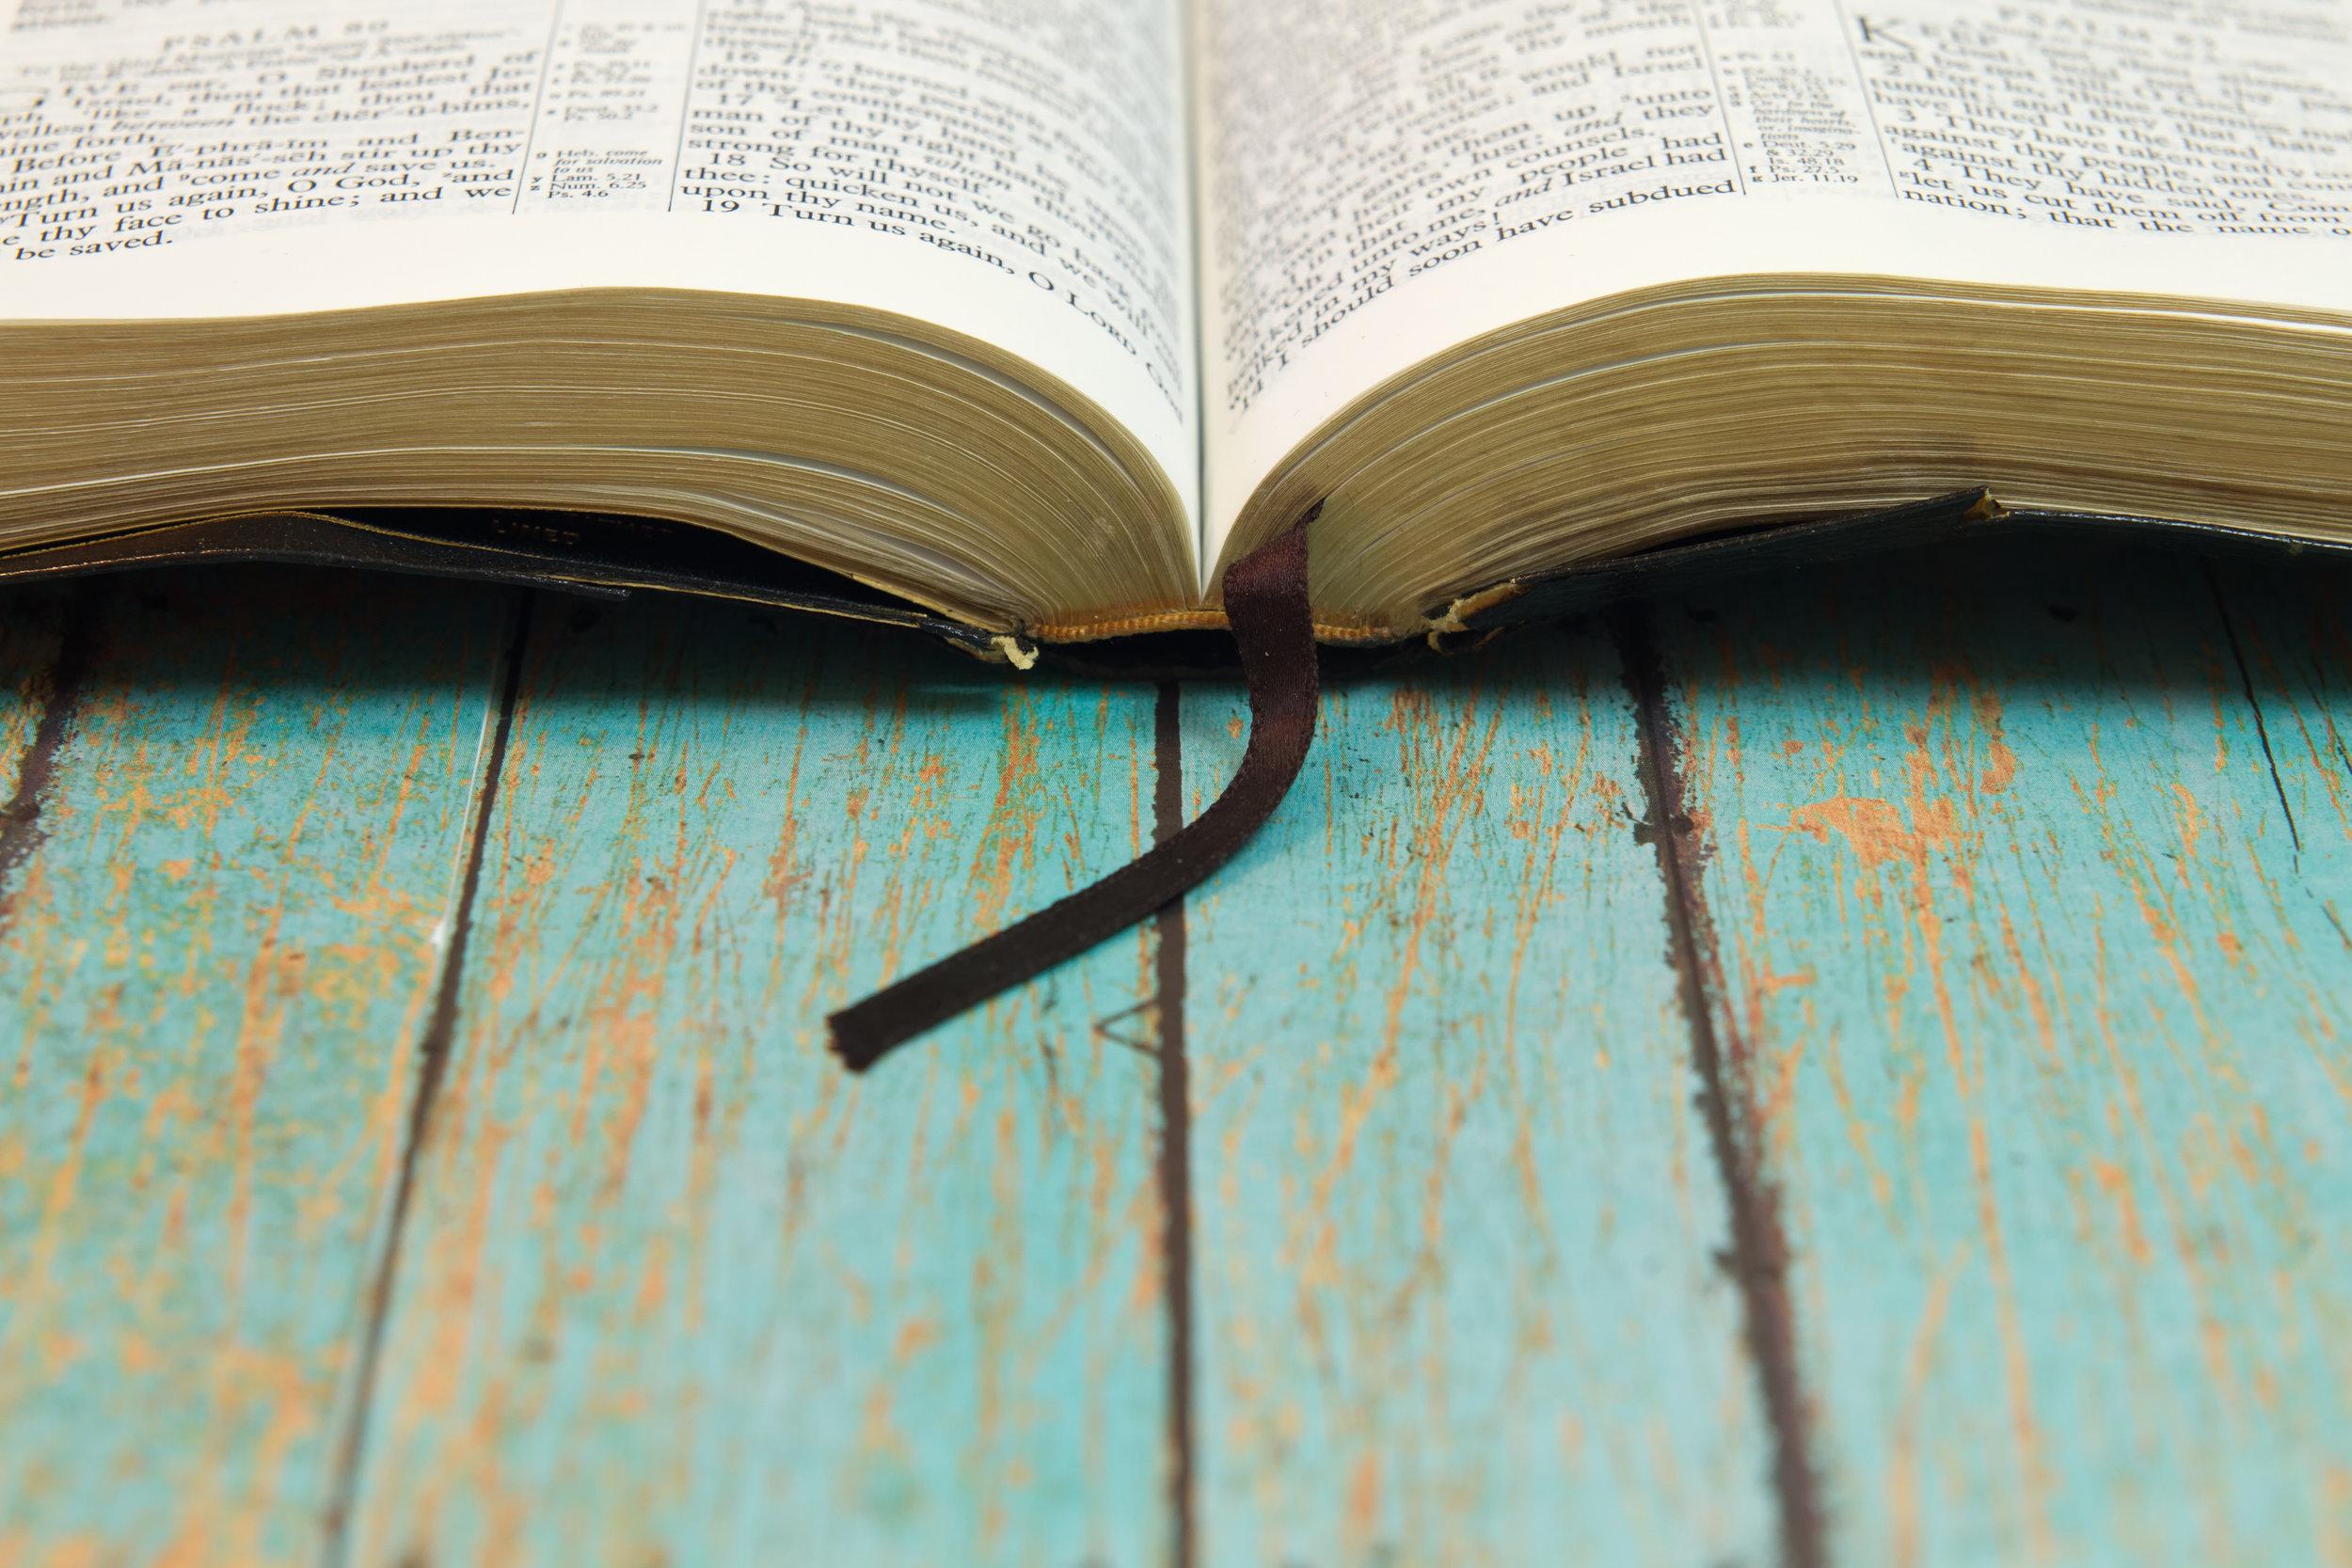 bible on teal wood.jpeg